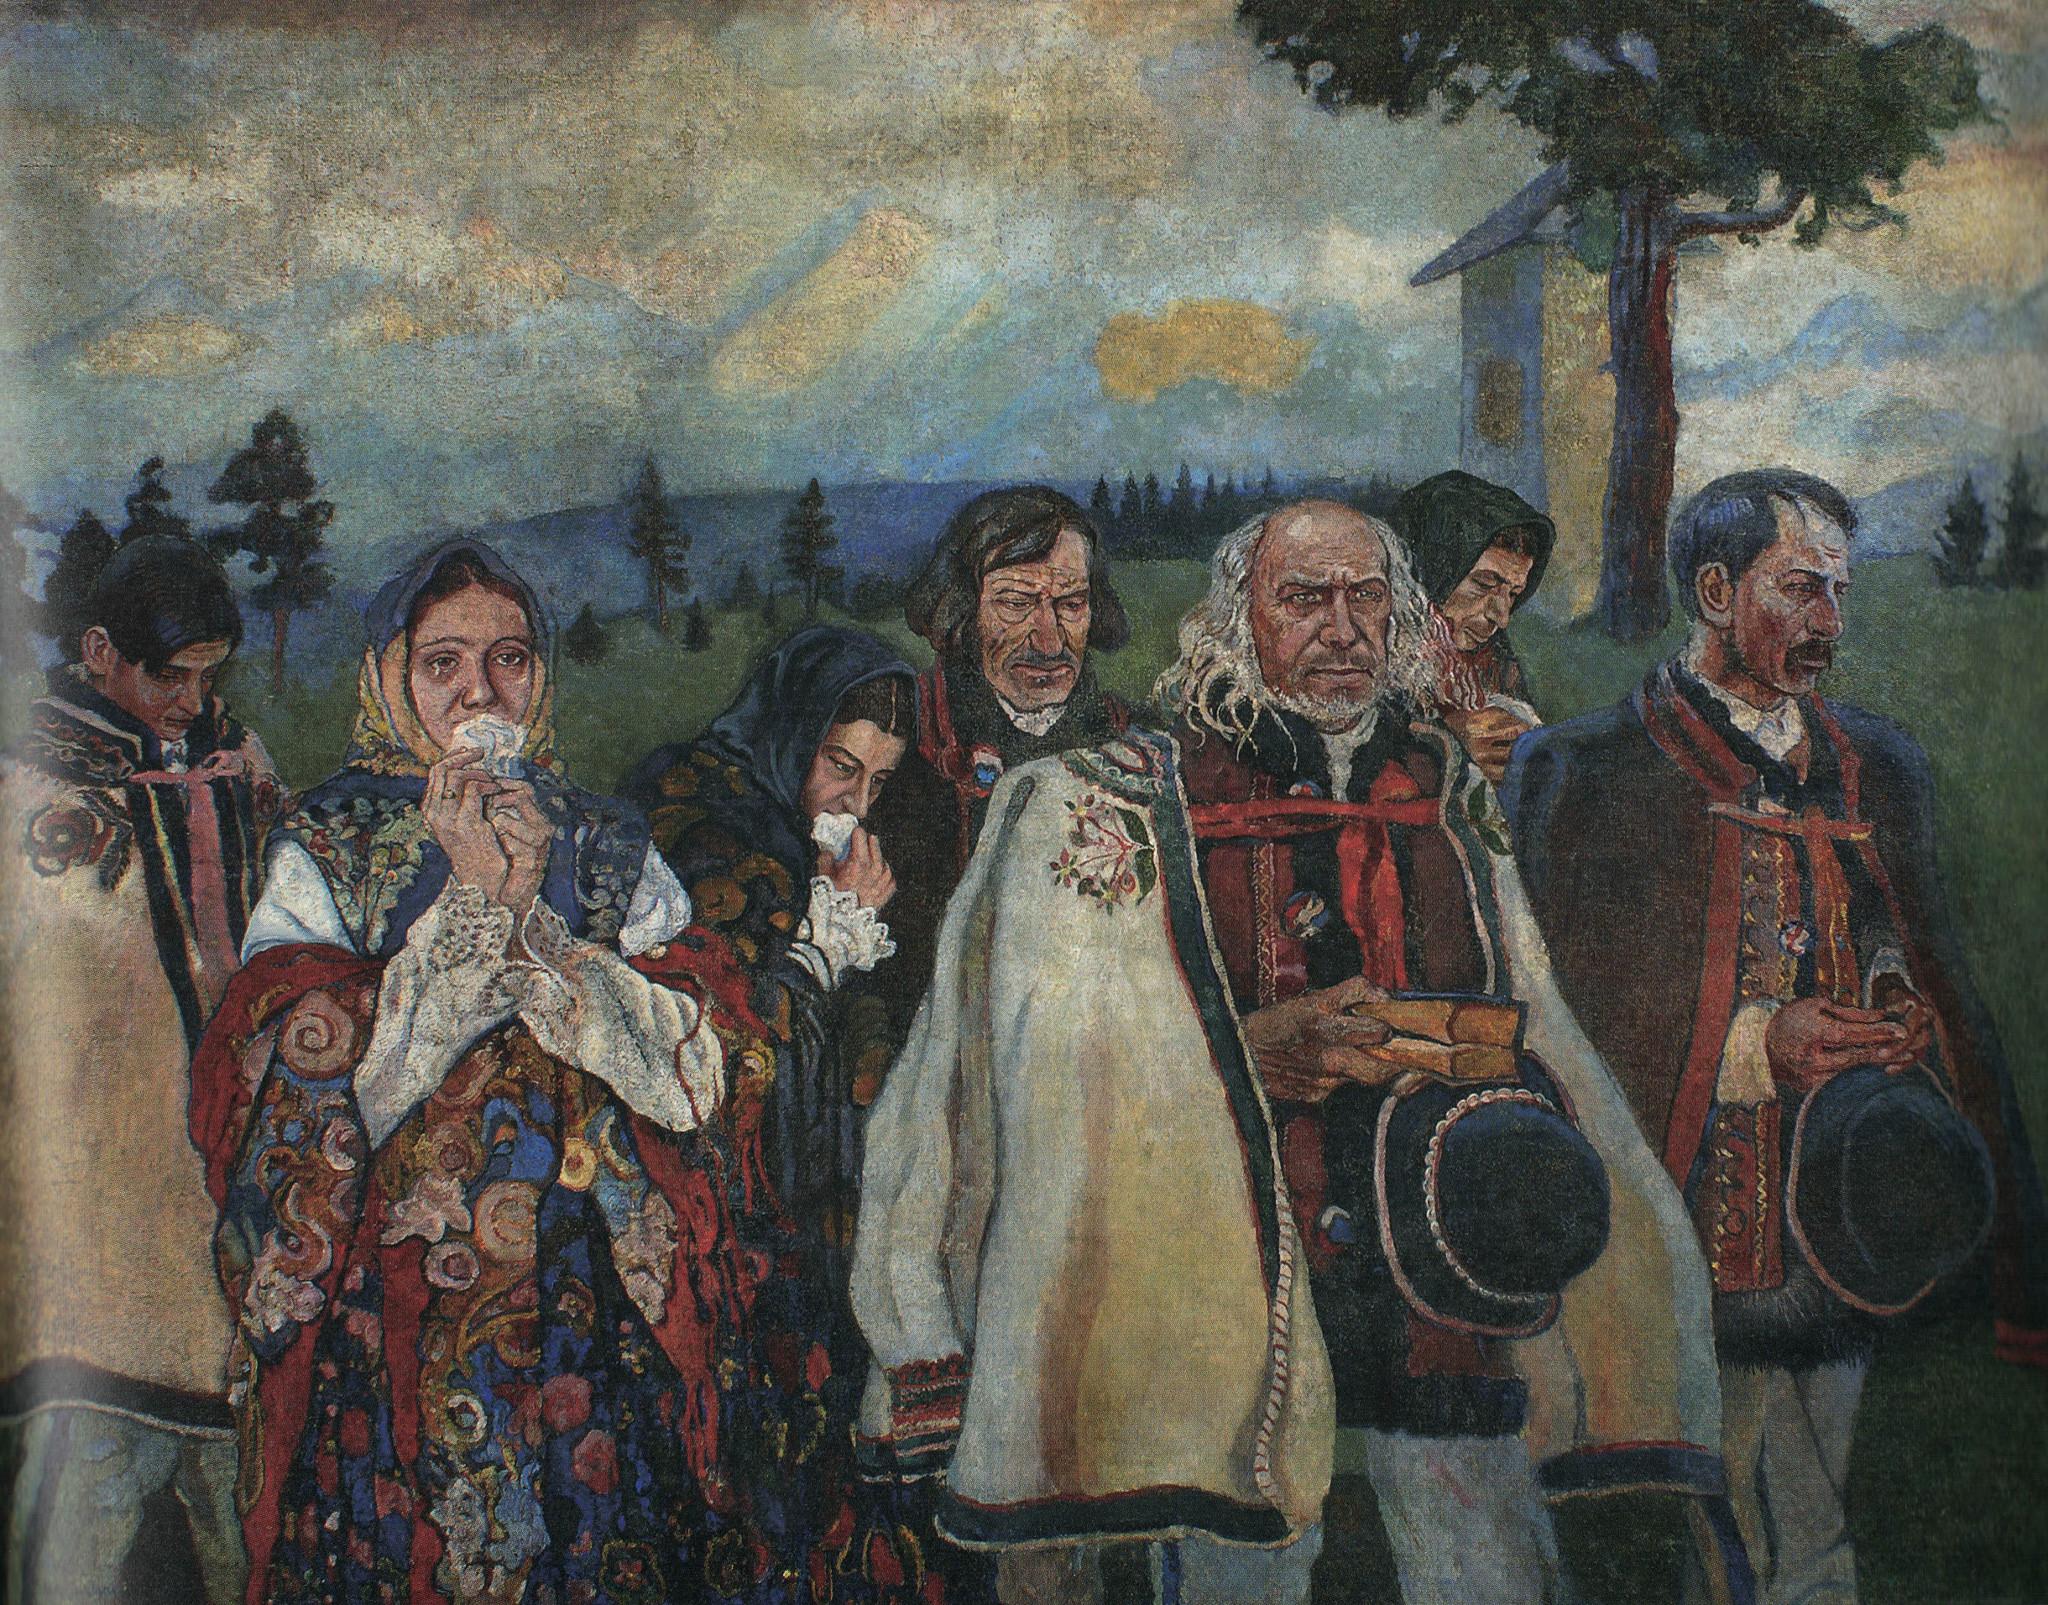 """Władysław Jarocki (1879-1965) """"Powrót z Golgoty"""", 1913 rok, źródło: Muzeum Okręgowe w Bydgoszczy"""